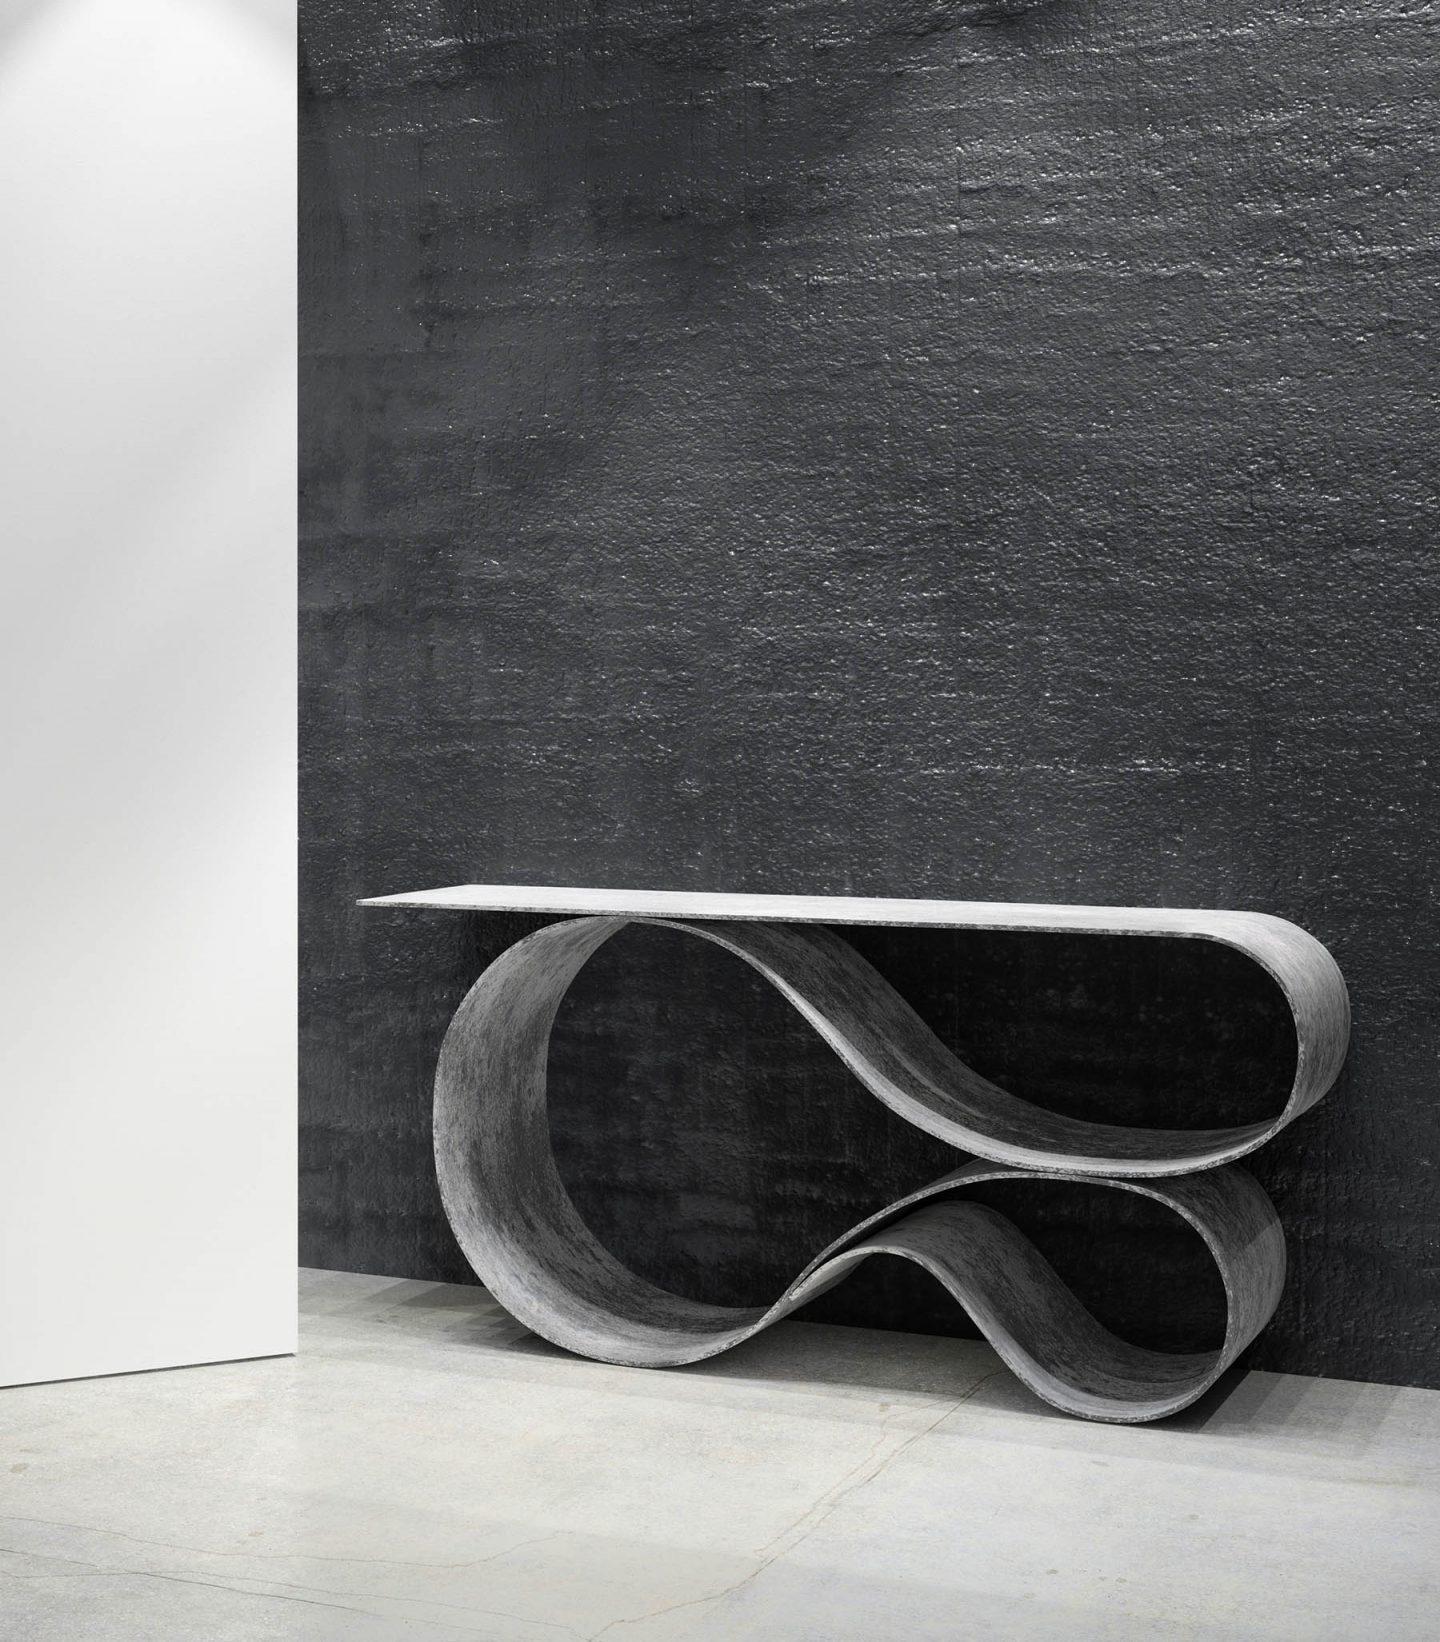 iGNANT-Design-Neal-Aronowitz-Concrete-Canvas-Series-09